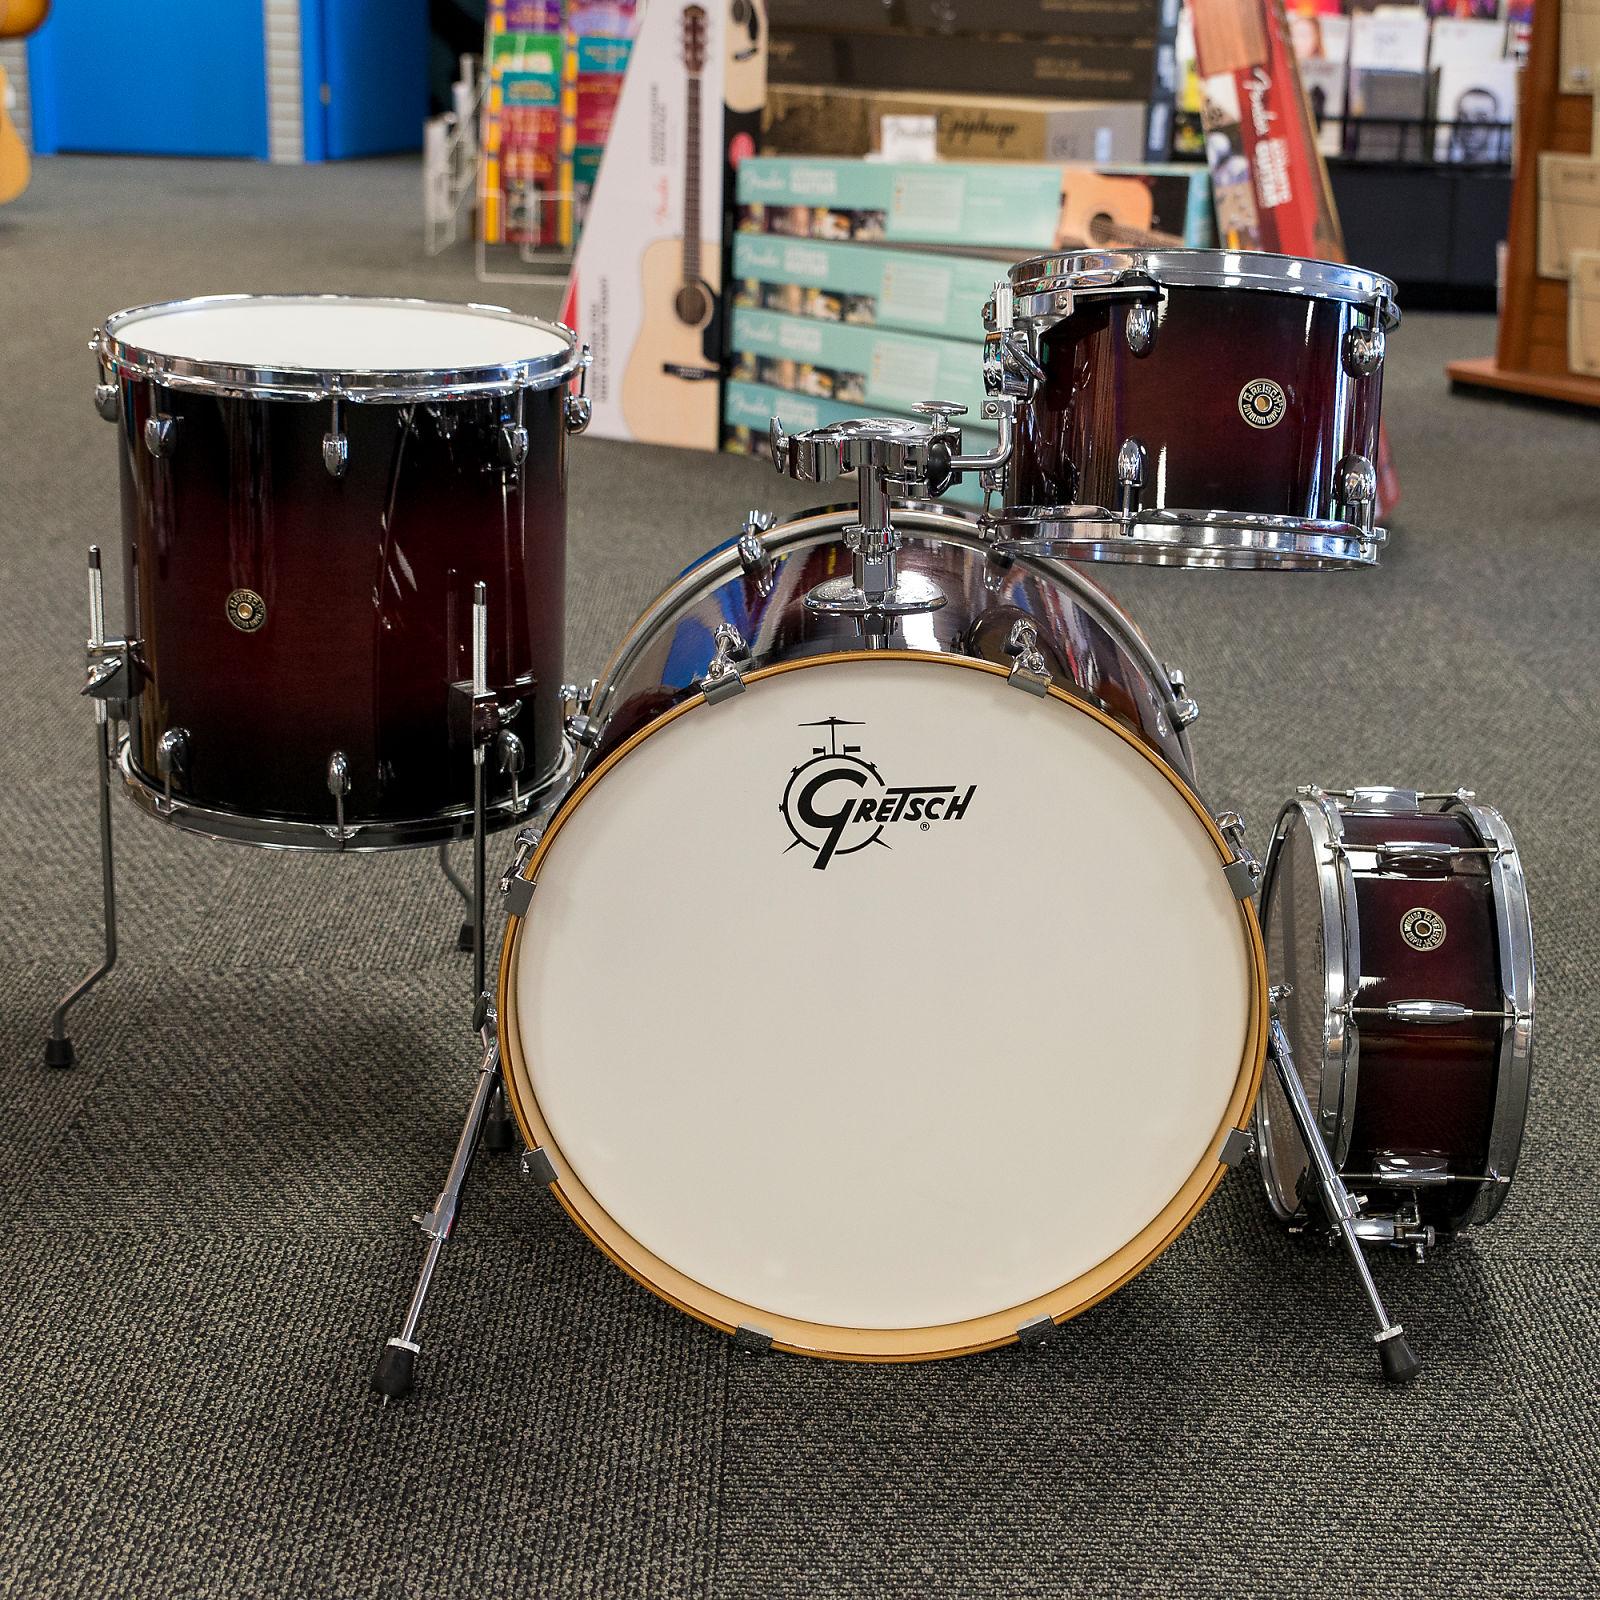 Gretsch Catalina Maple 4 Piece Shell Drum Set In Dark Cherry Burst